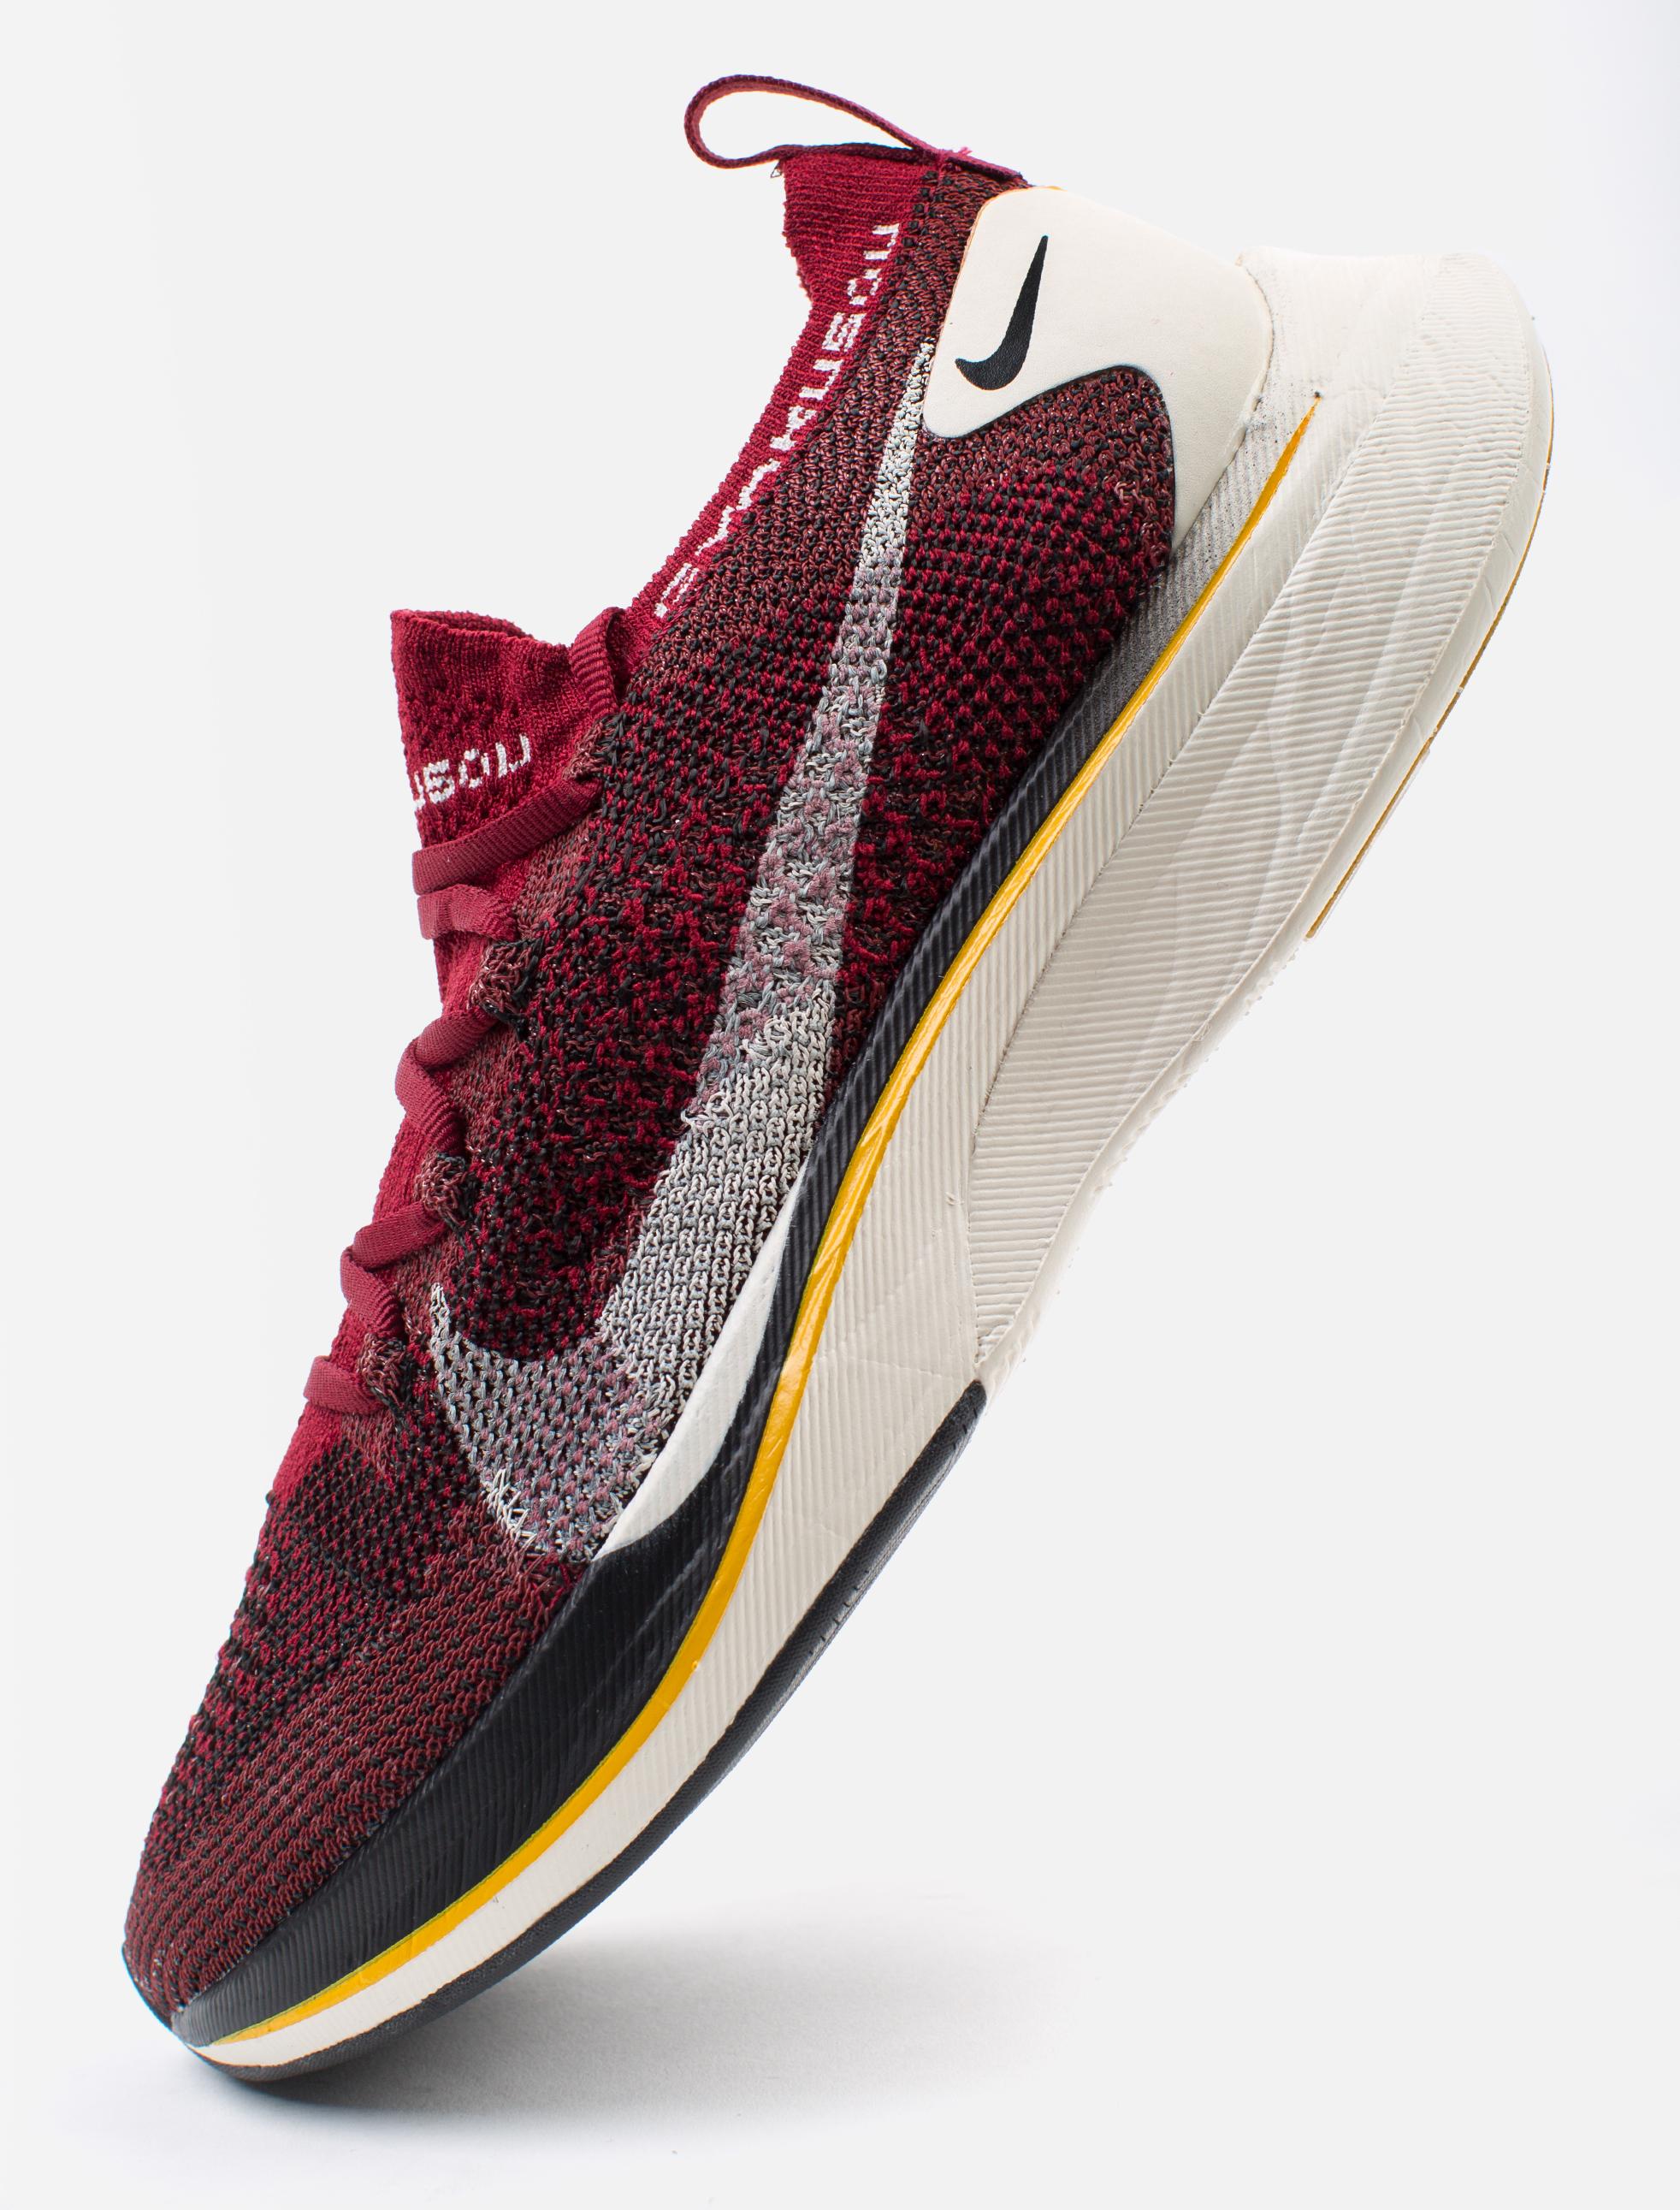 ... Preview  x Gyakusou Vaporfly 4% Flyknit Sneaker ... 5f1479d5d